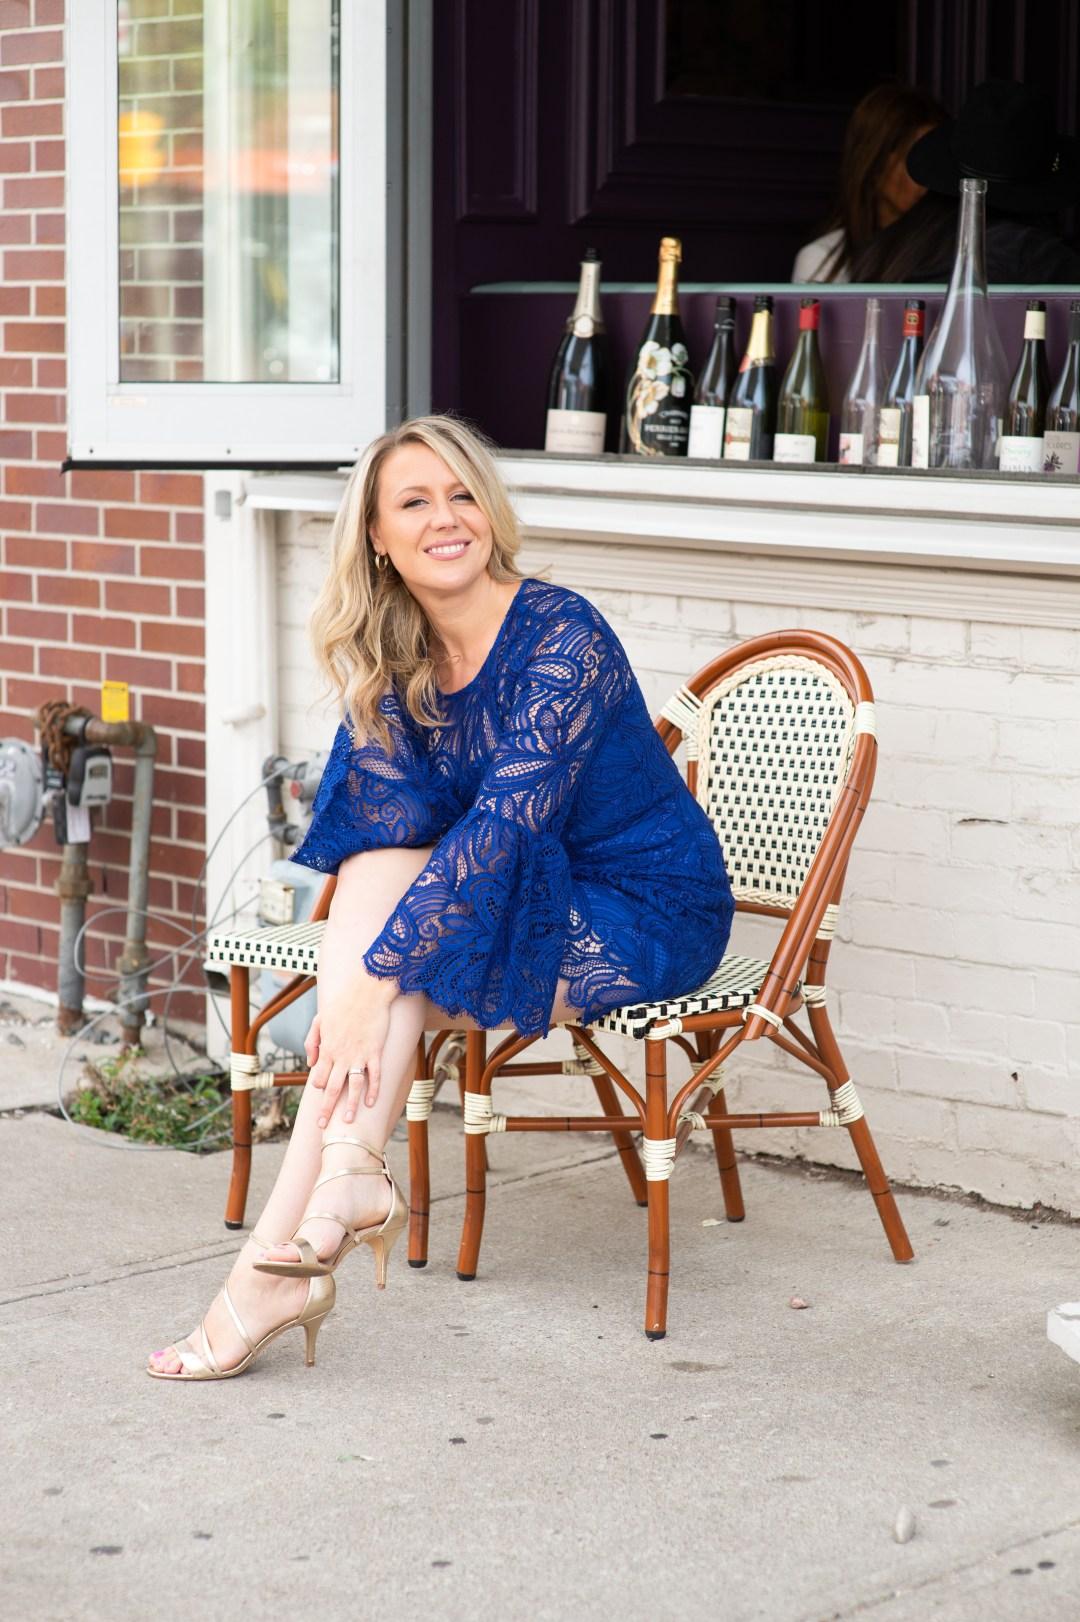 Jennifer Gaskell outside of a Toronto cafe